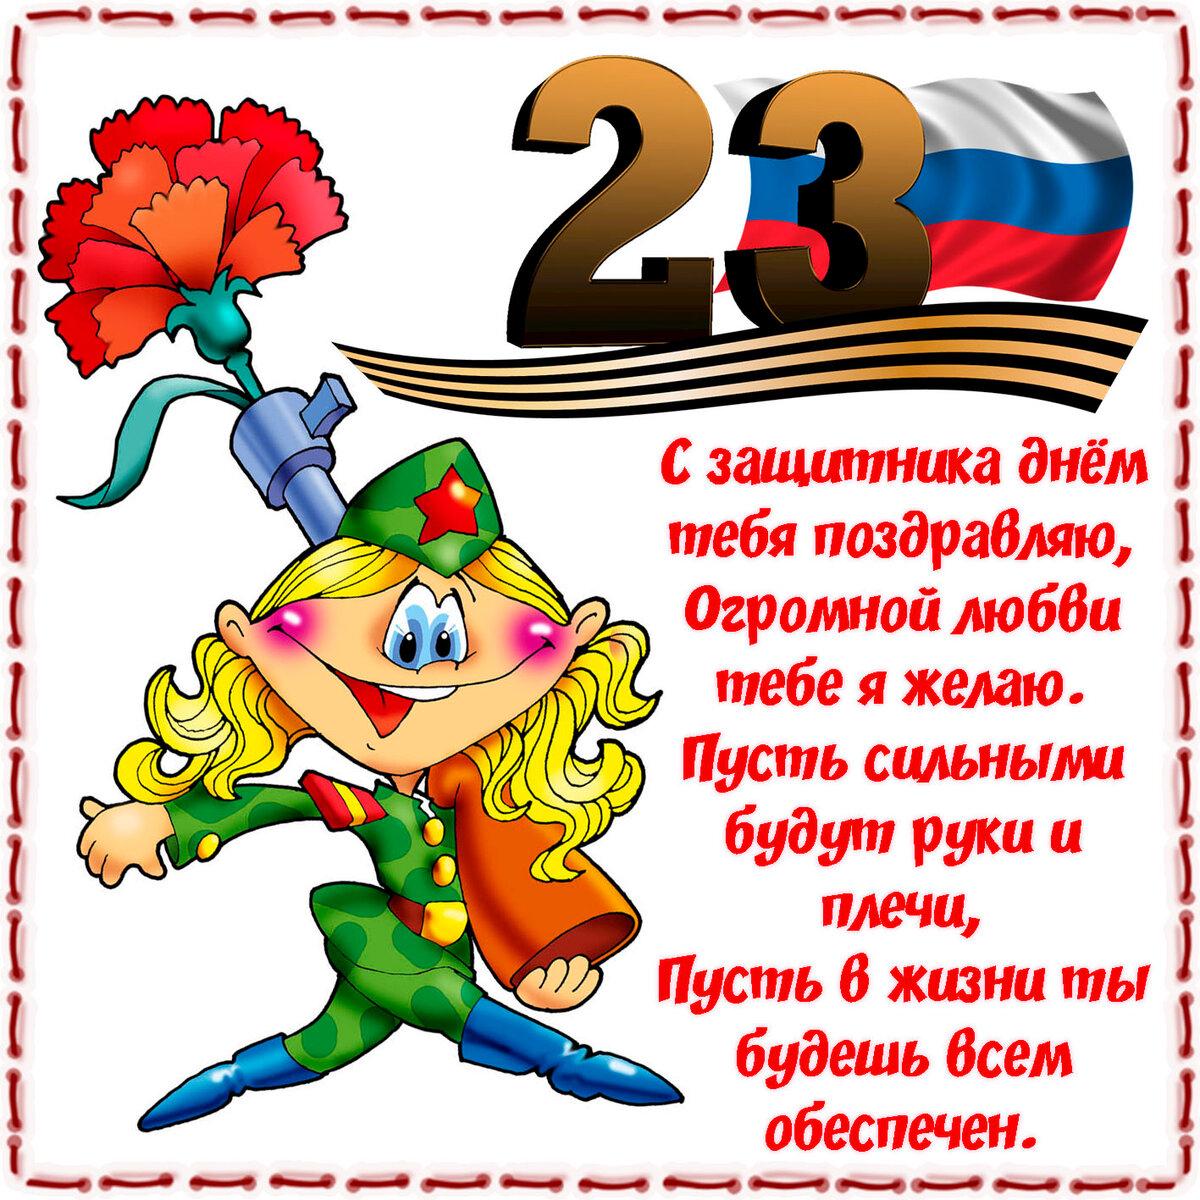 славится многочисленными оскорбительное поздравление с 23 февраля цвета может